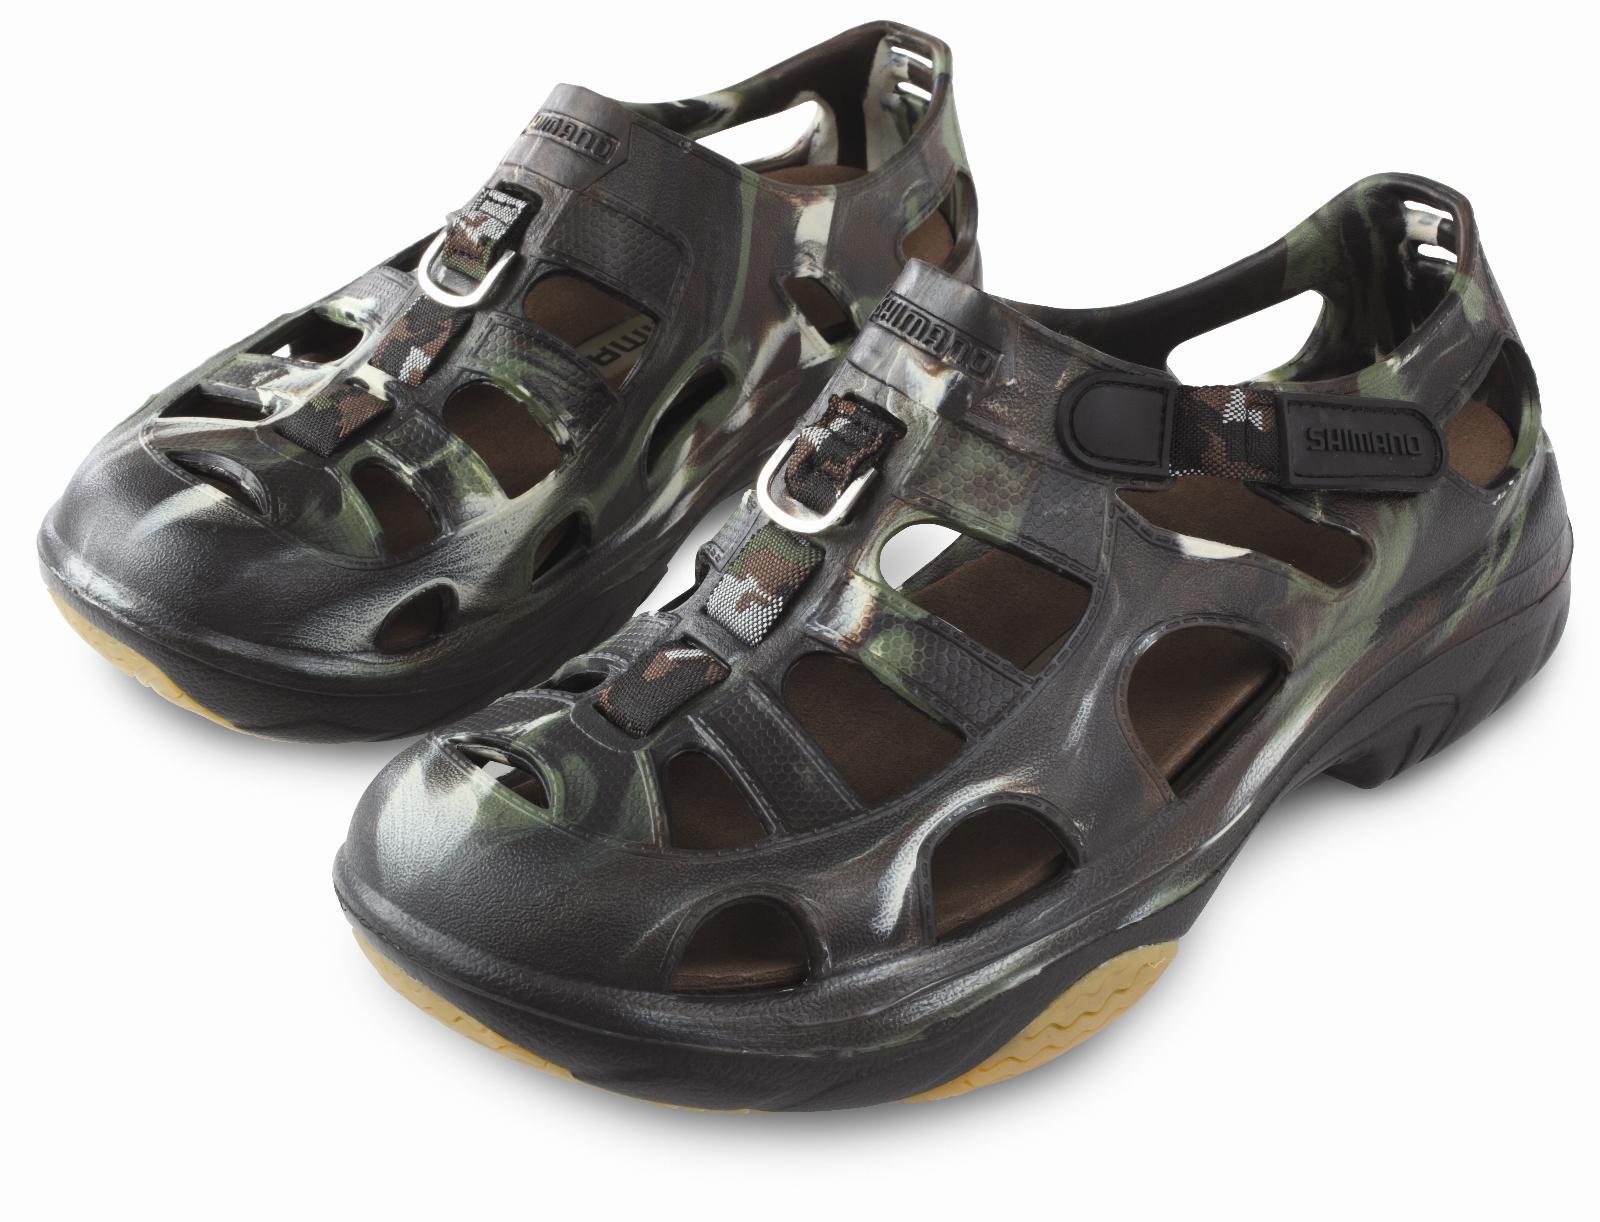 Shimano Evair Marine / Fishing Shoes Sandals Mens / Womens ...